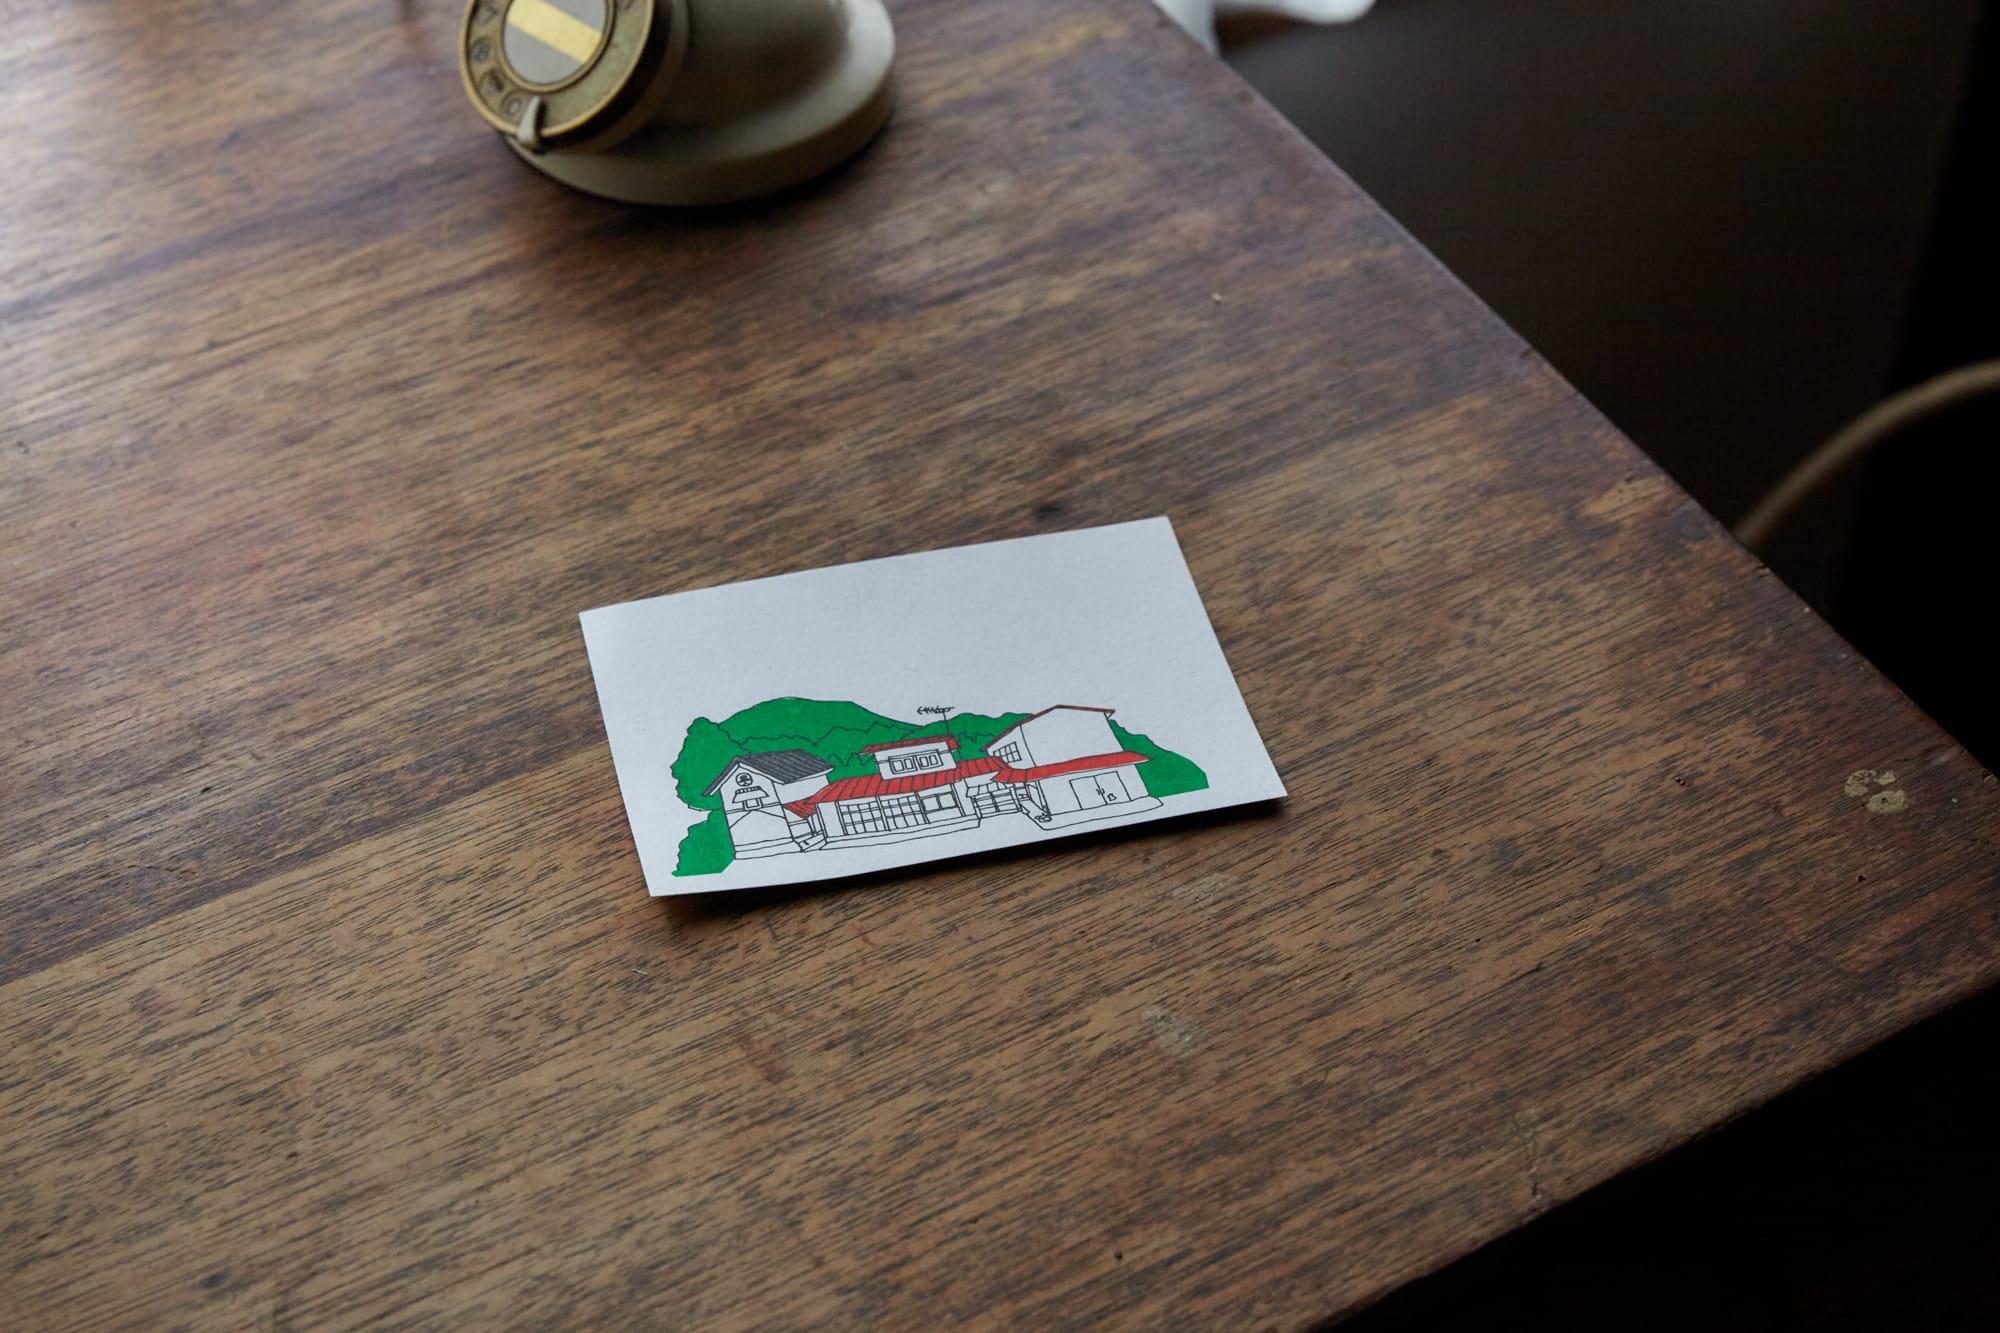 デザイナーのゴロゥちゃんが描いた、家のイラスト。河井さんはひとりで屋根にのぼり、赤だった屋根を白に塗り変えた。「当時はなんでもできる人になりたいという気持ちがあったんです。でも屋根に登るのはさすがに恐かったので、もうやめようと思いました(笑)」と、河井さん。